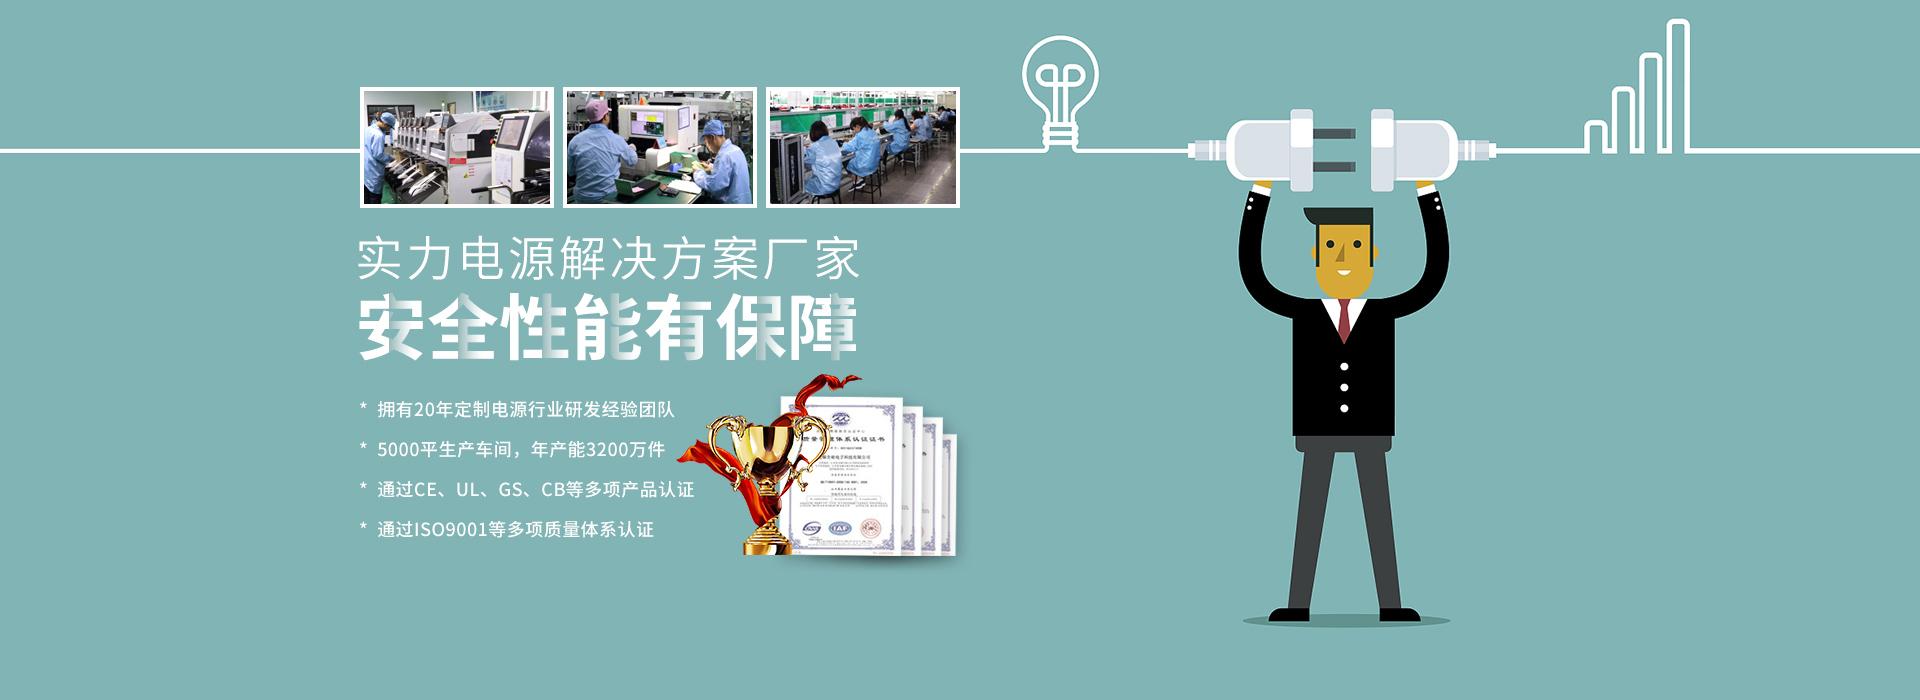 全裕电子-实力电源解决方案厂家,安全性能有保障